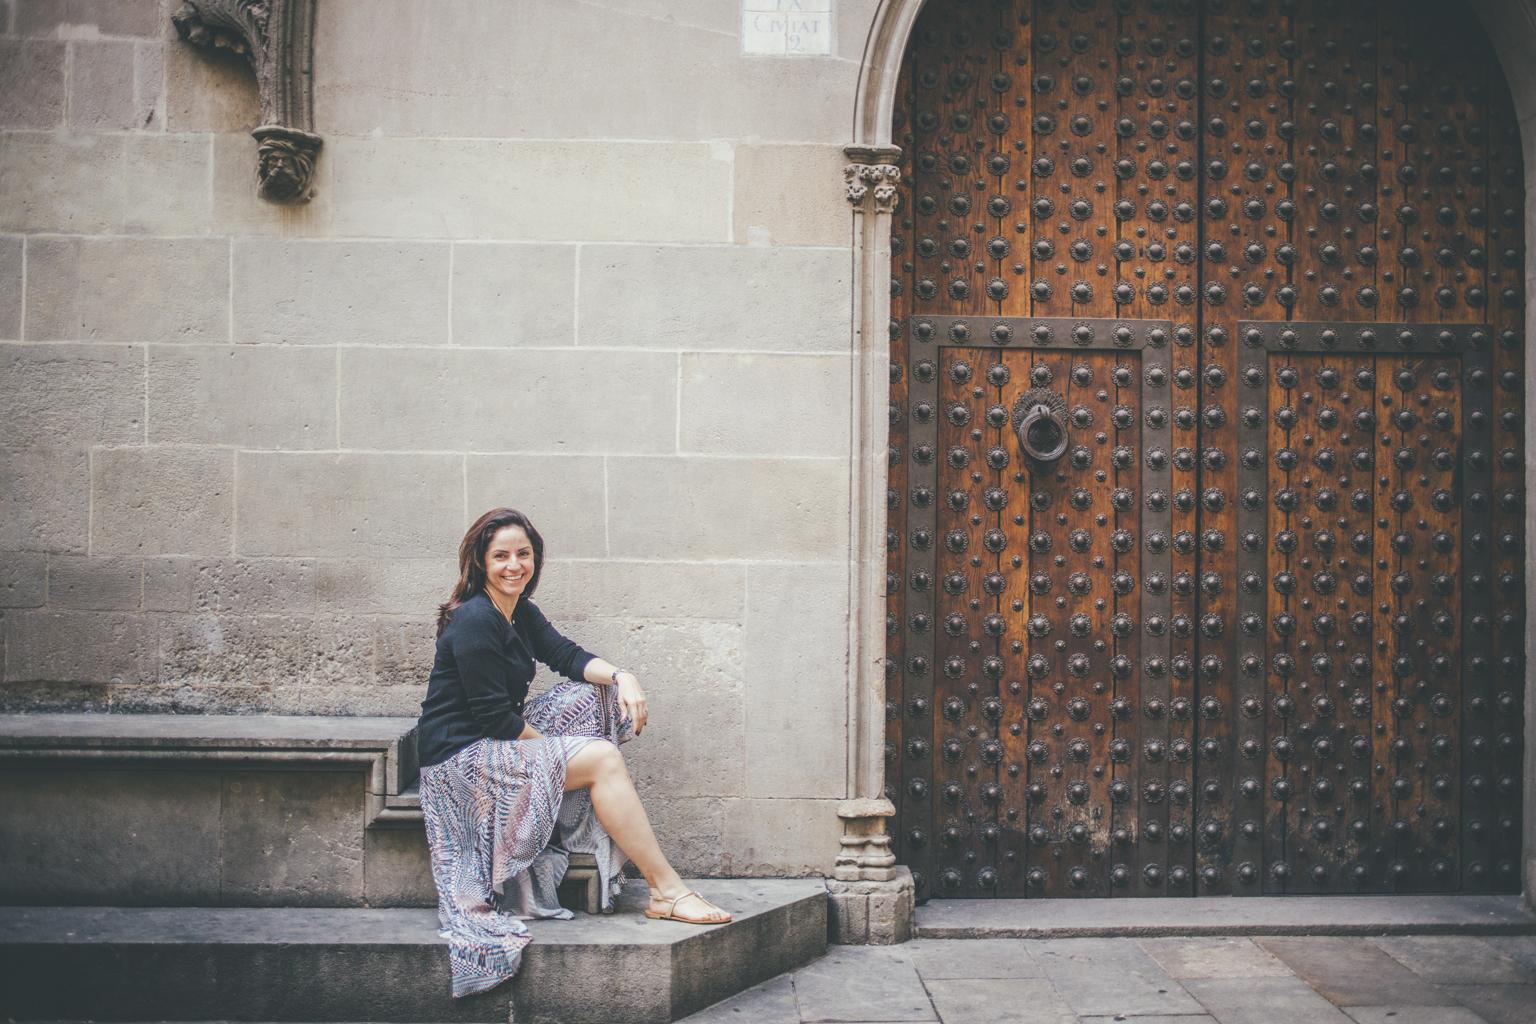 fotografo_pareja_barcelona-8